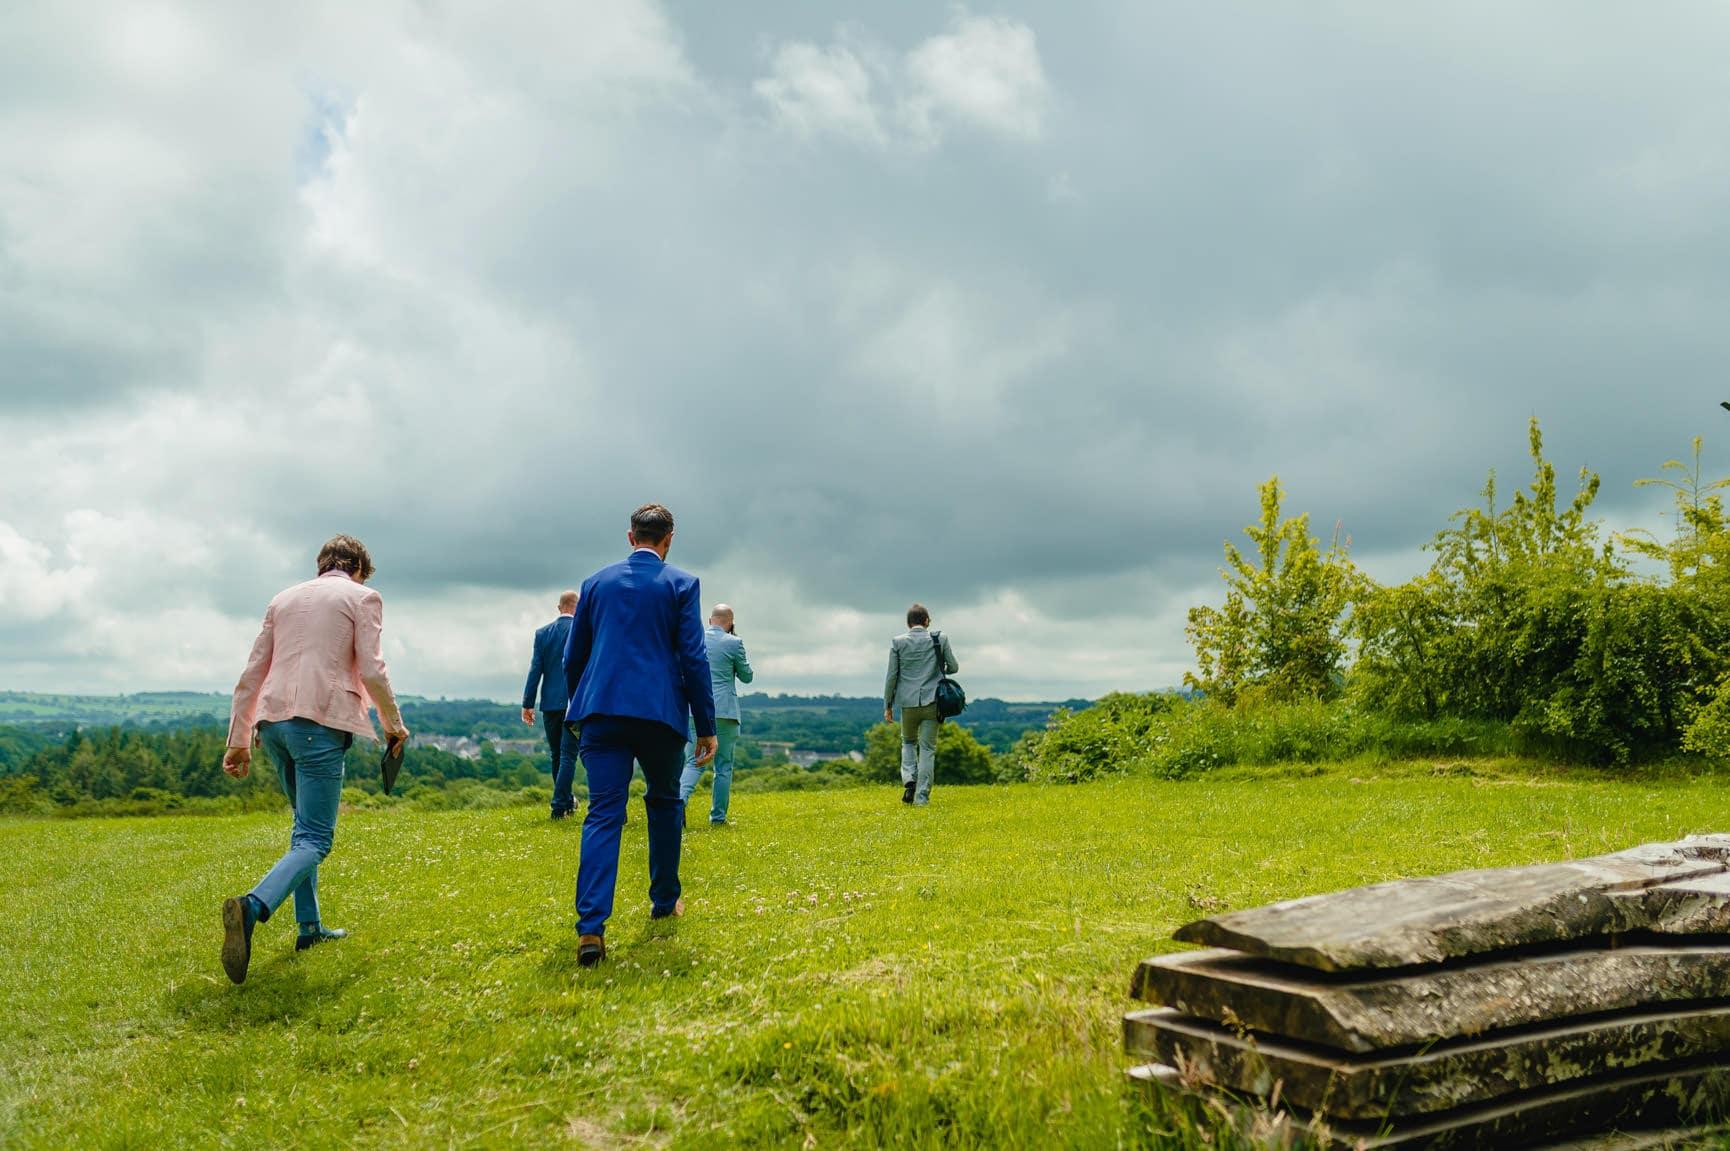 Fforest Wedding, Cardigan, Wales - Lauren and Gareth 41